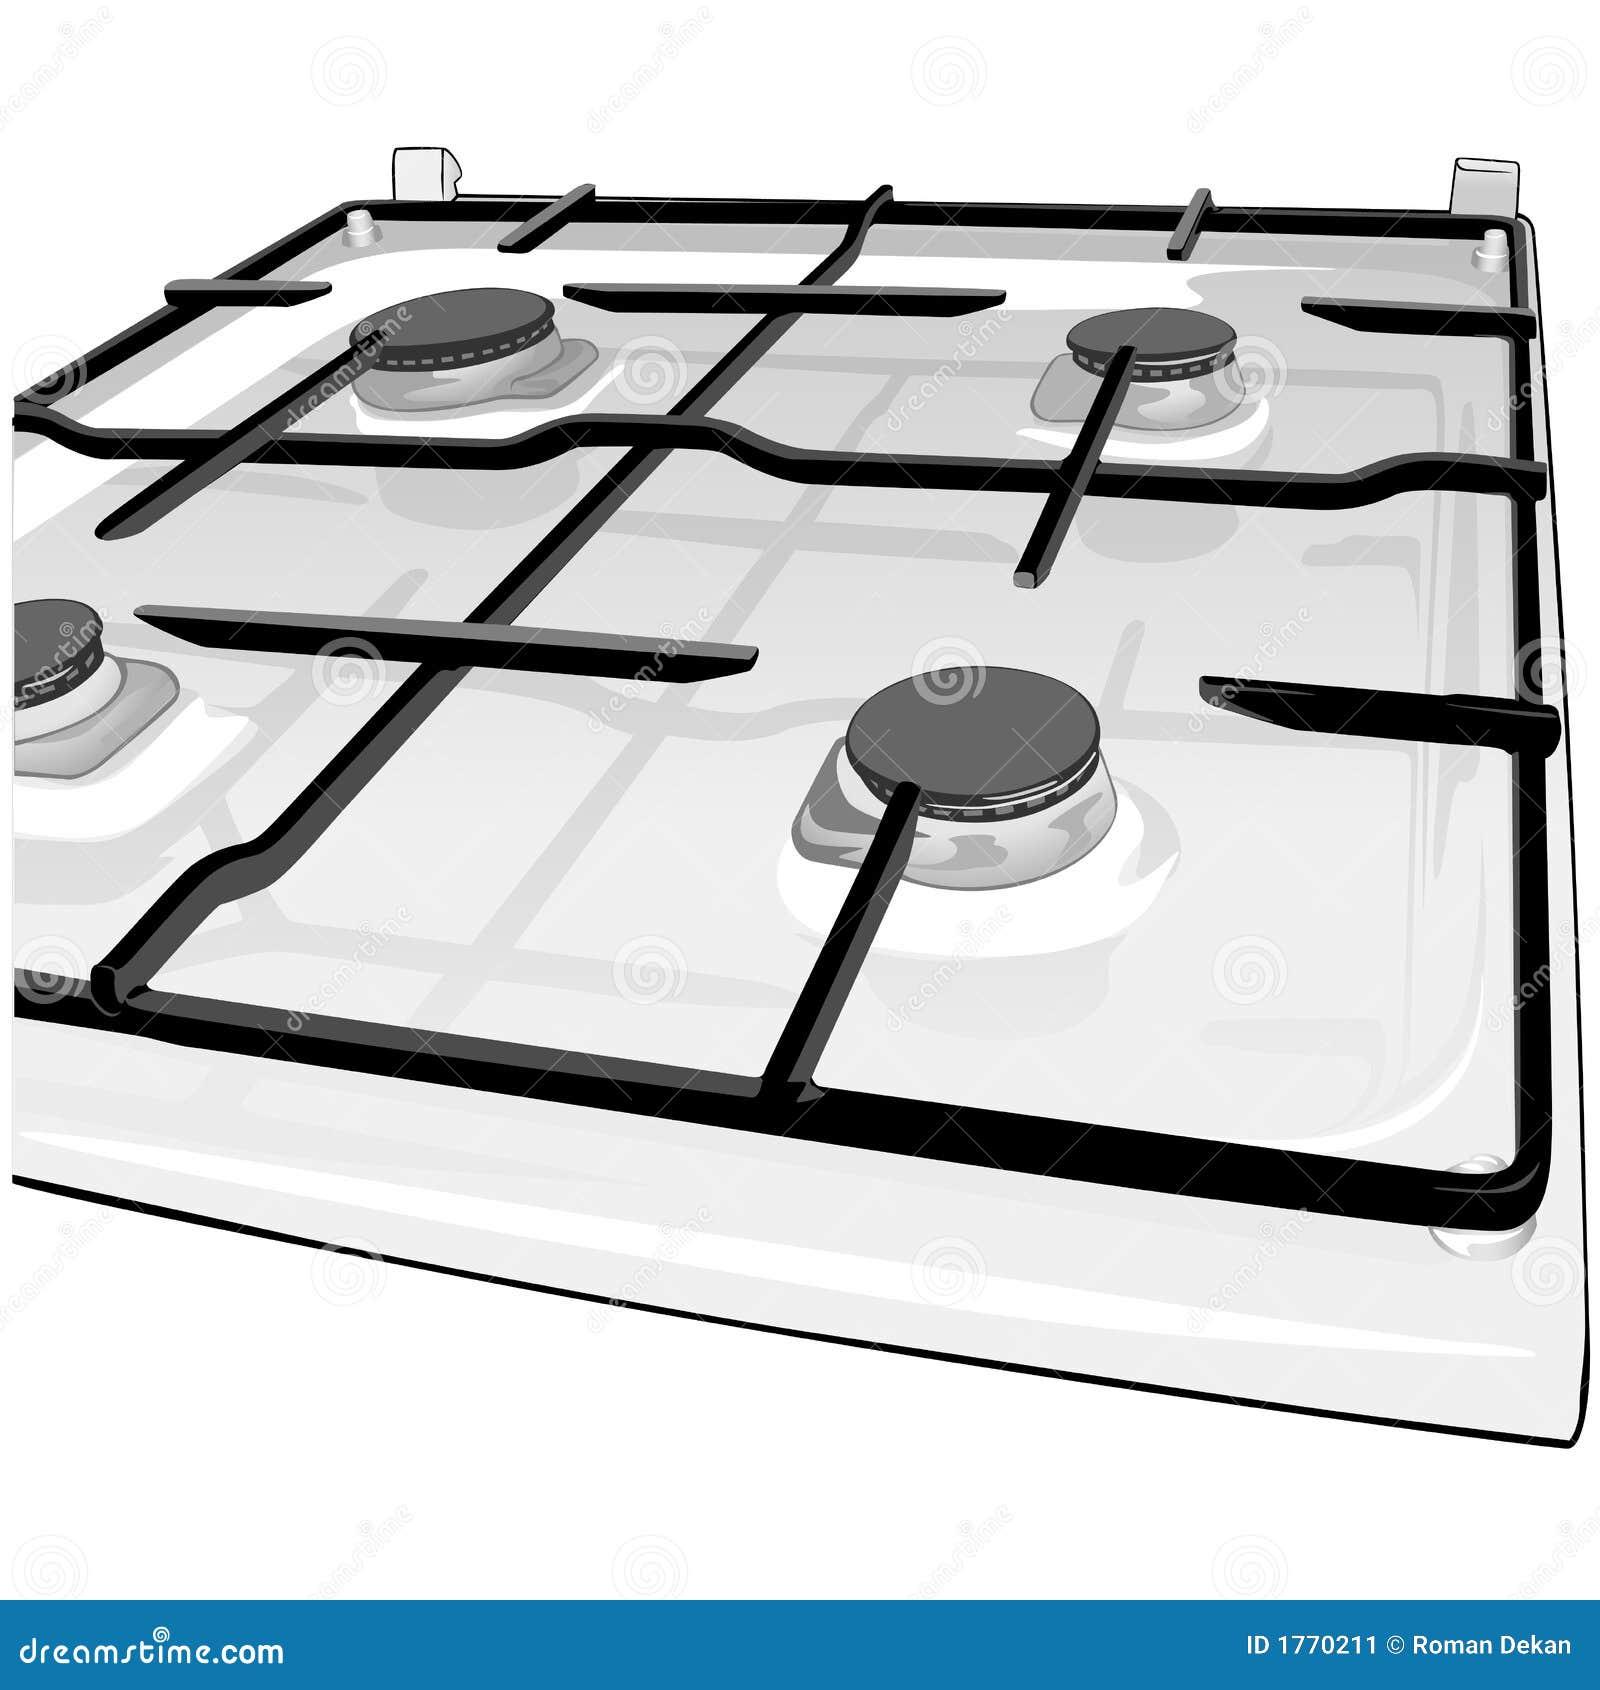 kitchen range stock image - image: 1770211